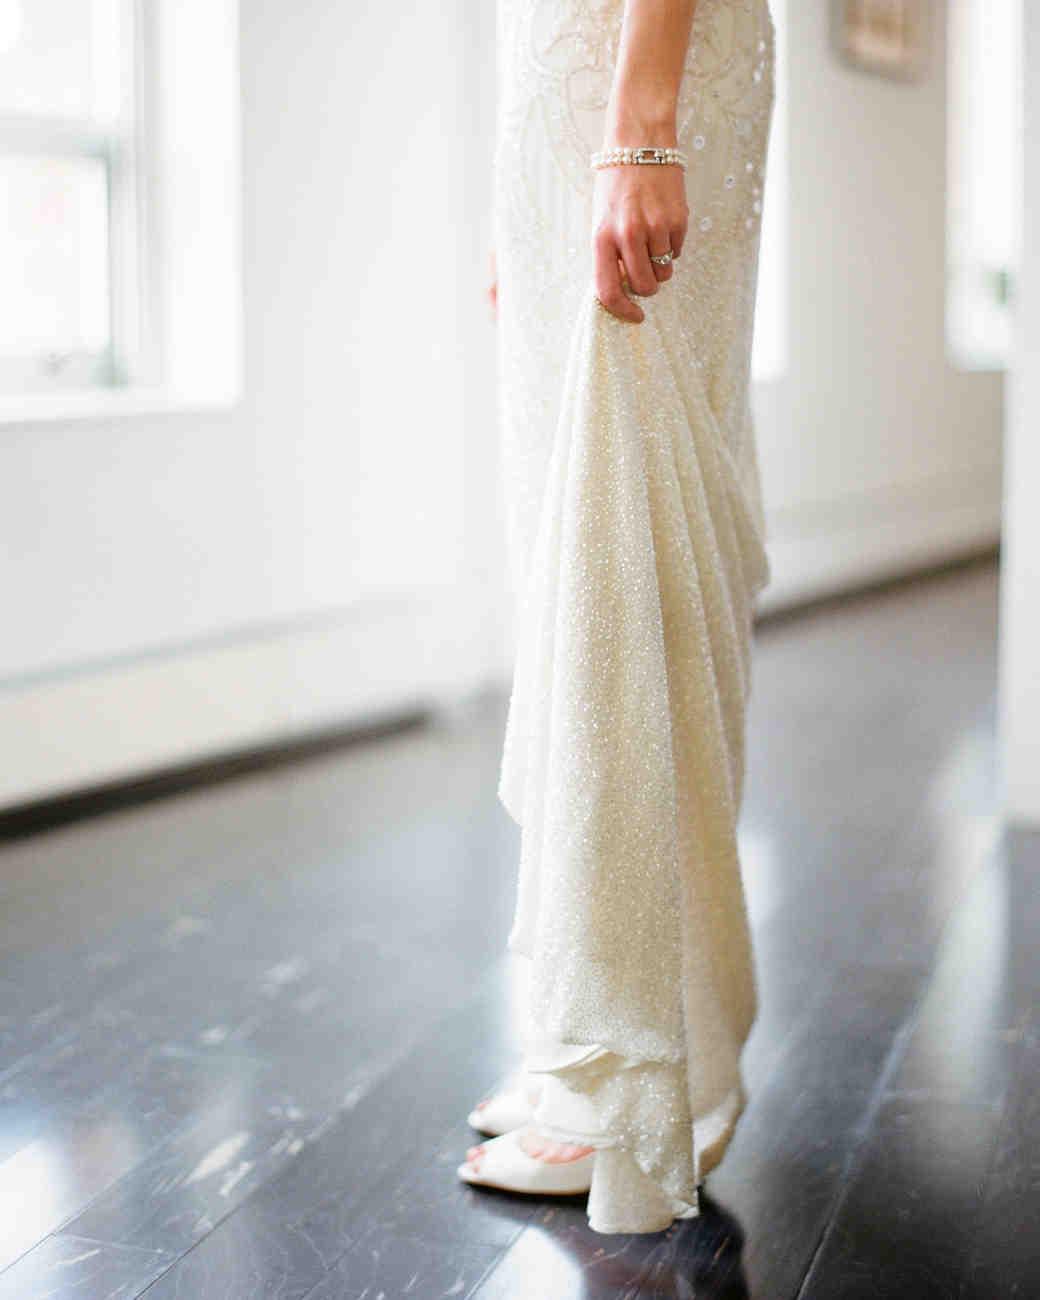 molly-sam-wedding-dress2-0614.jpg